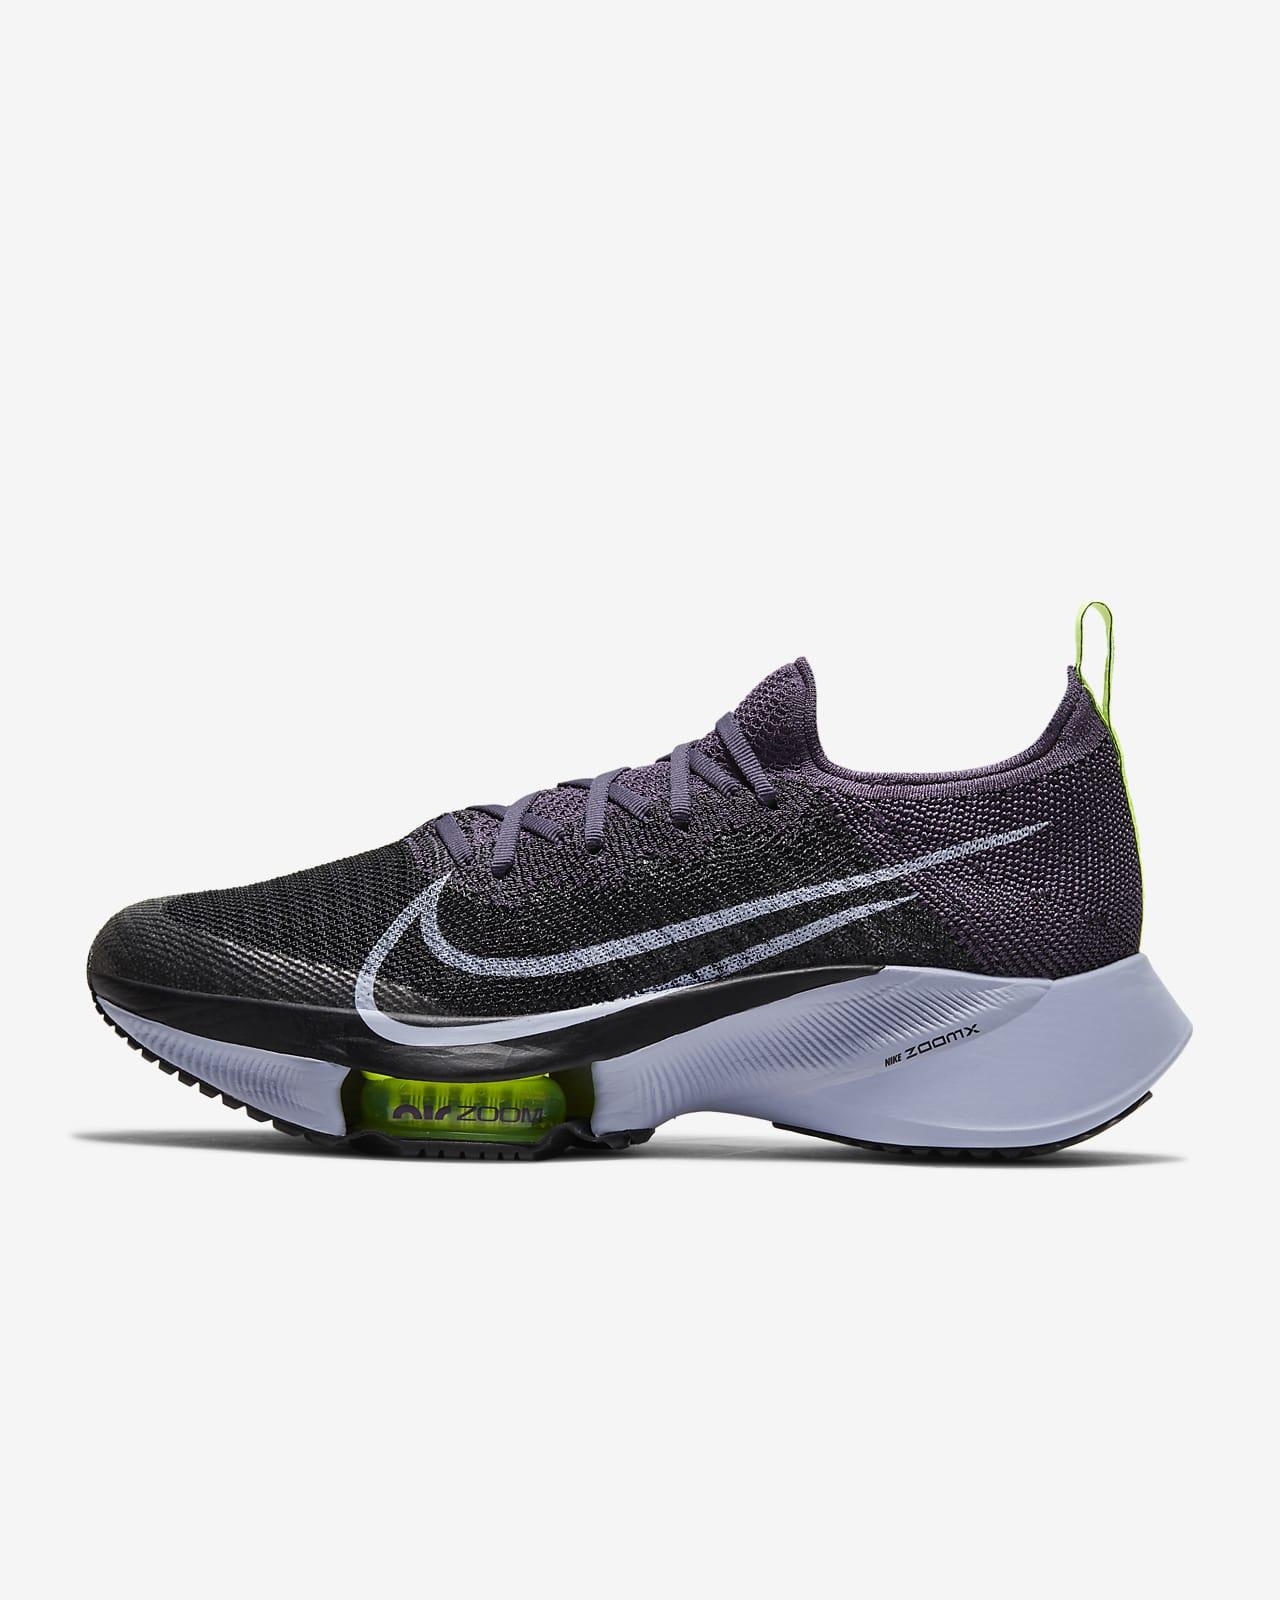 Γυναικείο παπούτσι για τρέξιμο σε δρόμο Nike Air Zoom Tempo NEXT%